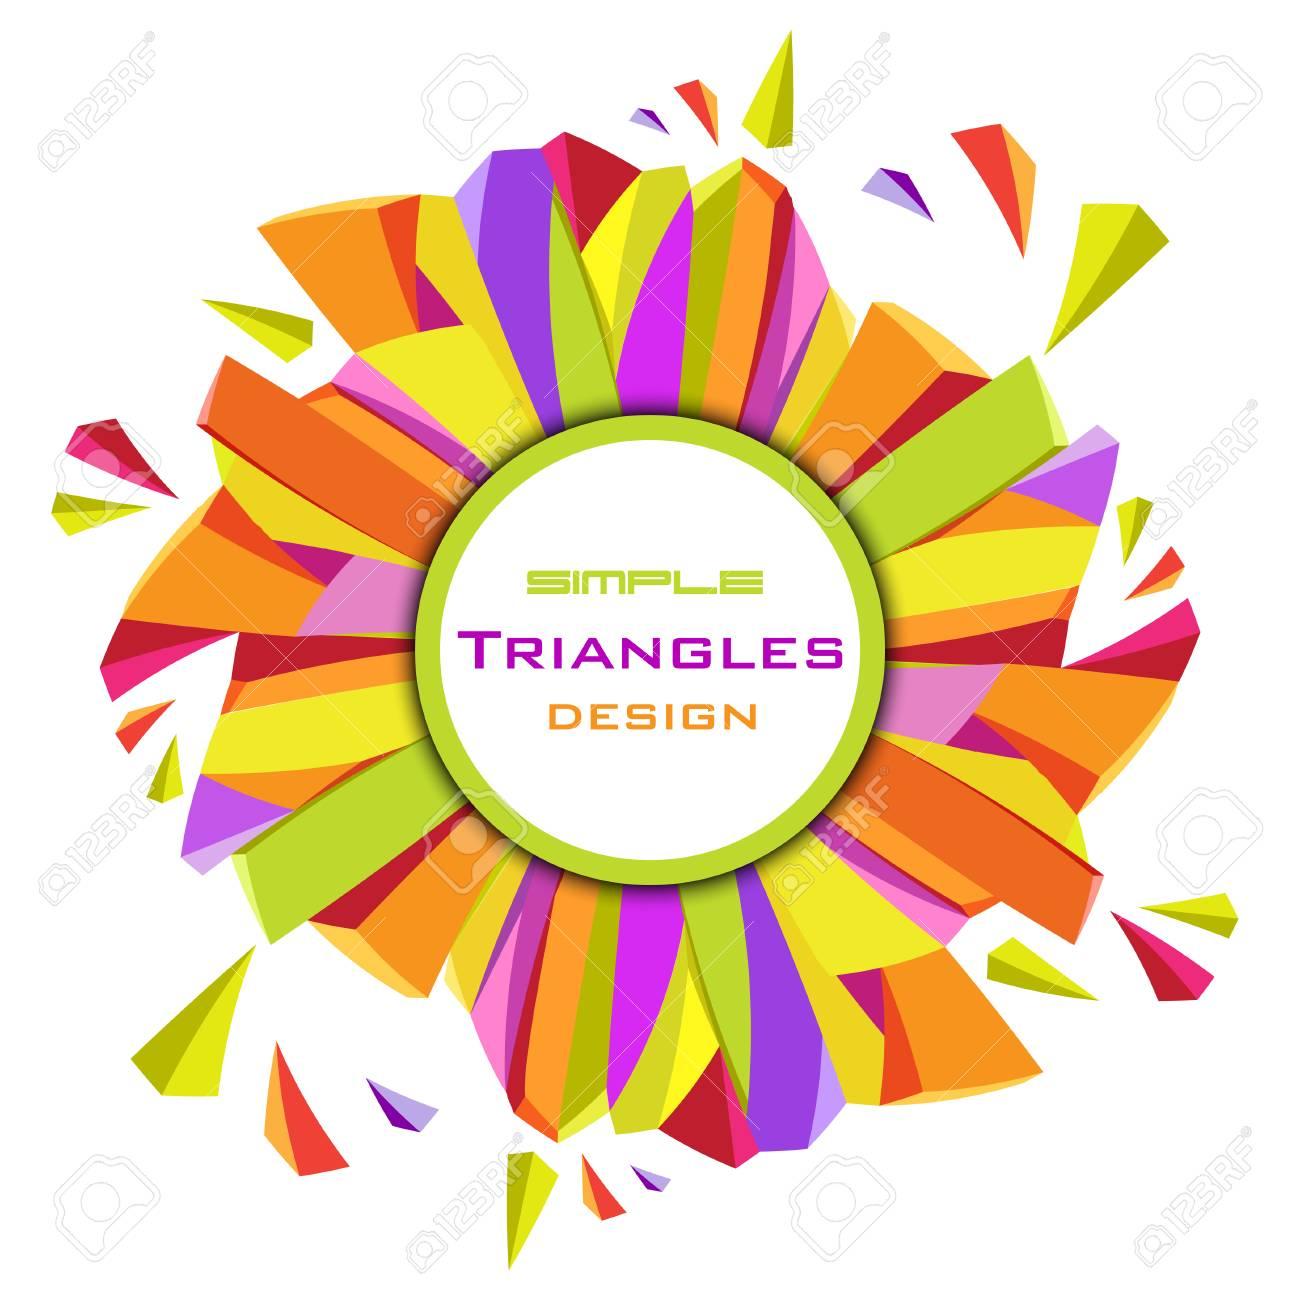 Resumen De Fondo Triángulos Geométricos. Marco Del Círculo Borde ...